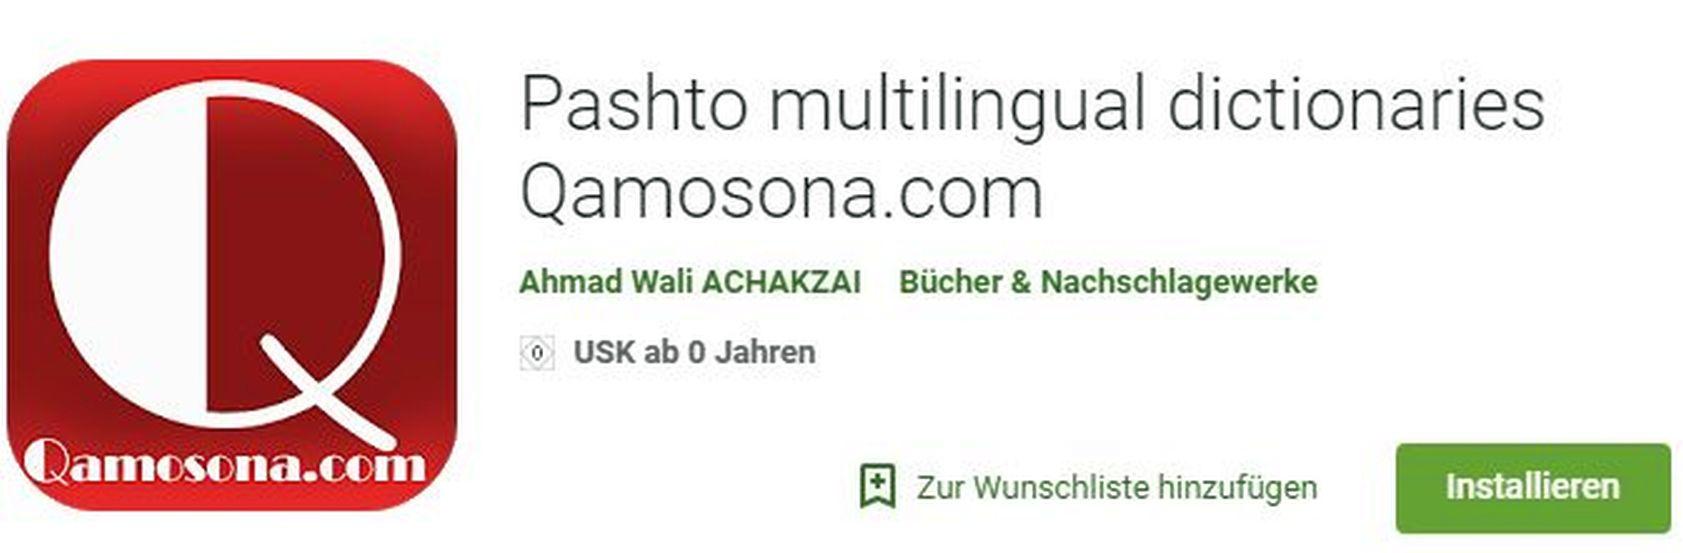 Qamosona New Android App